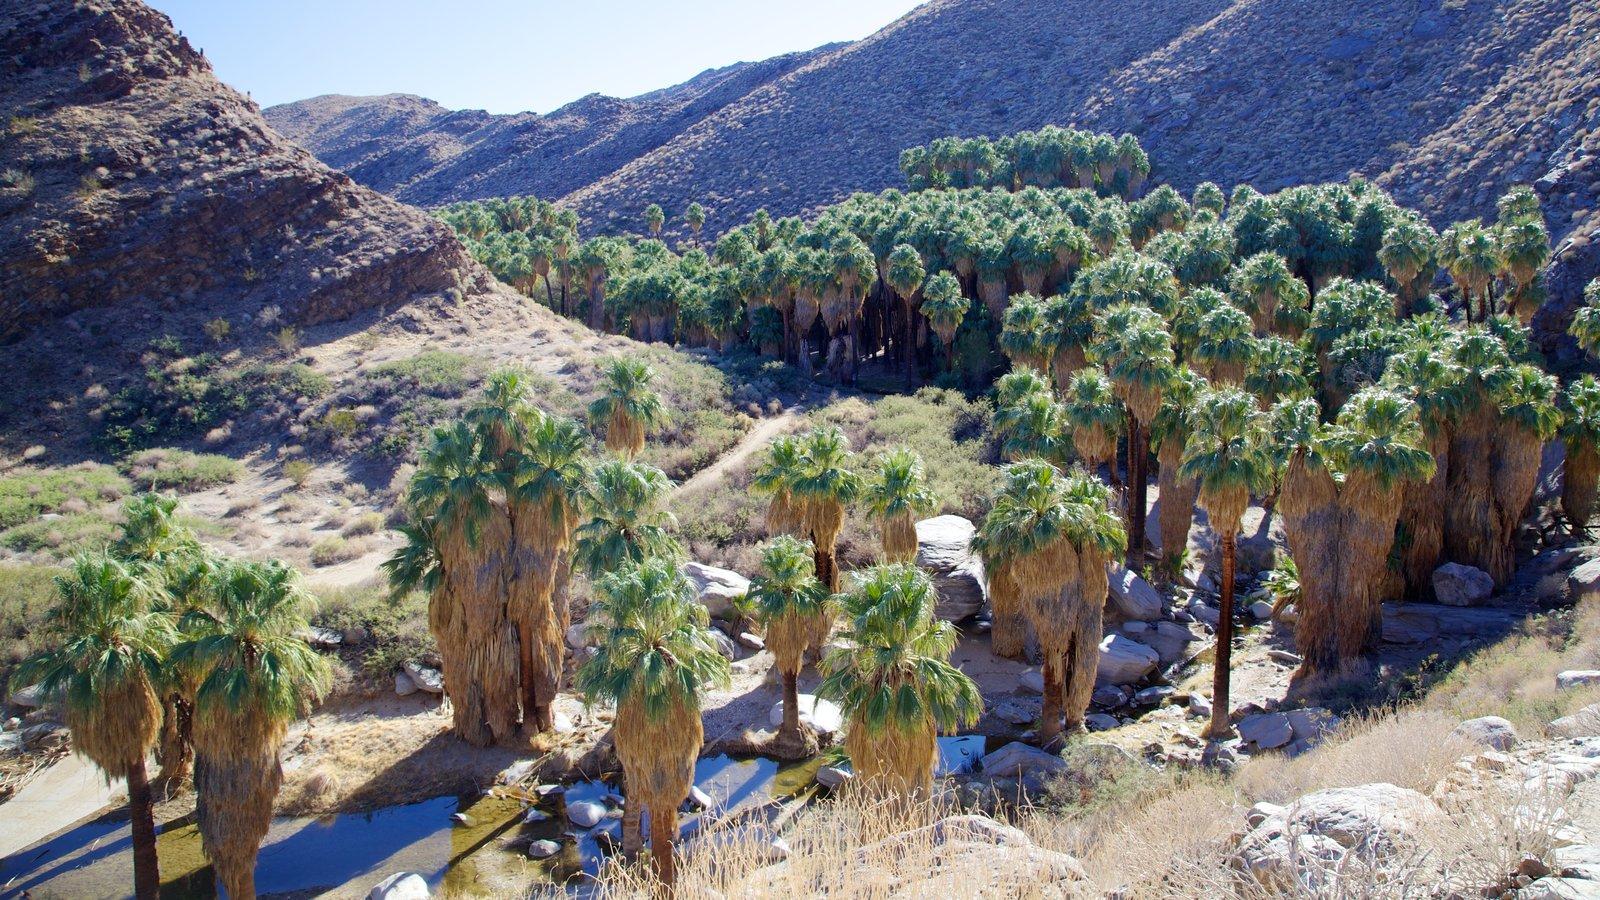 Cañones Indios que incluye un barranco o cañón y vistas de paisajes